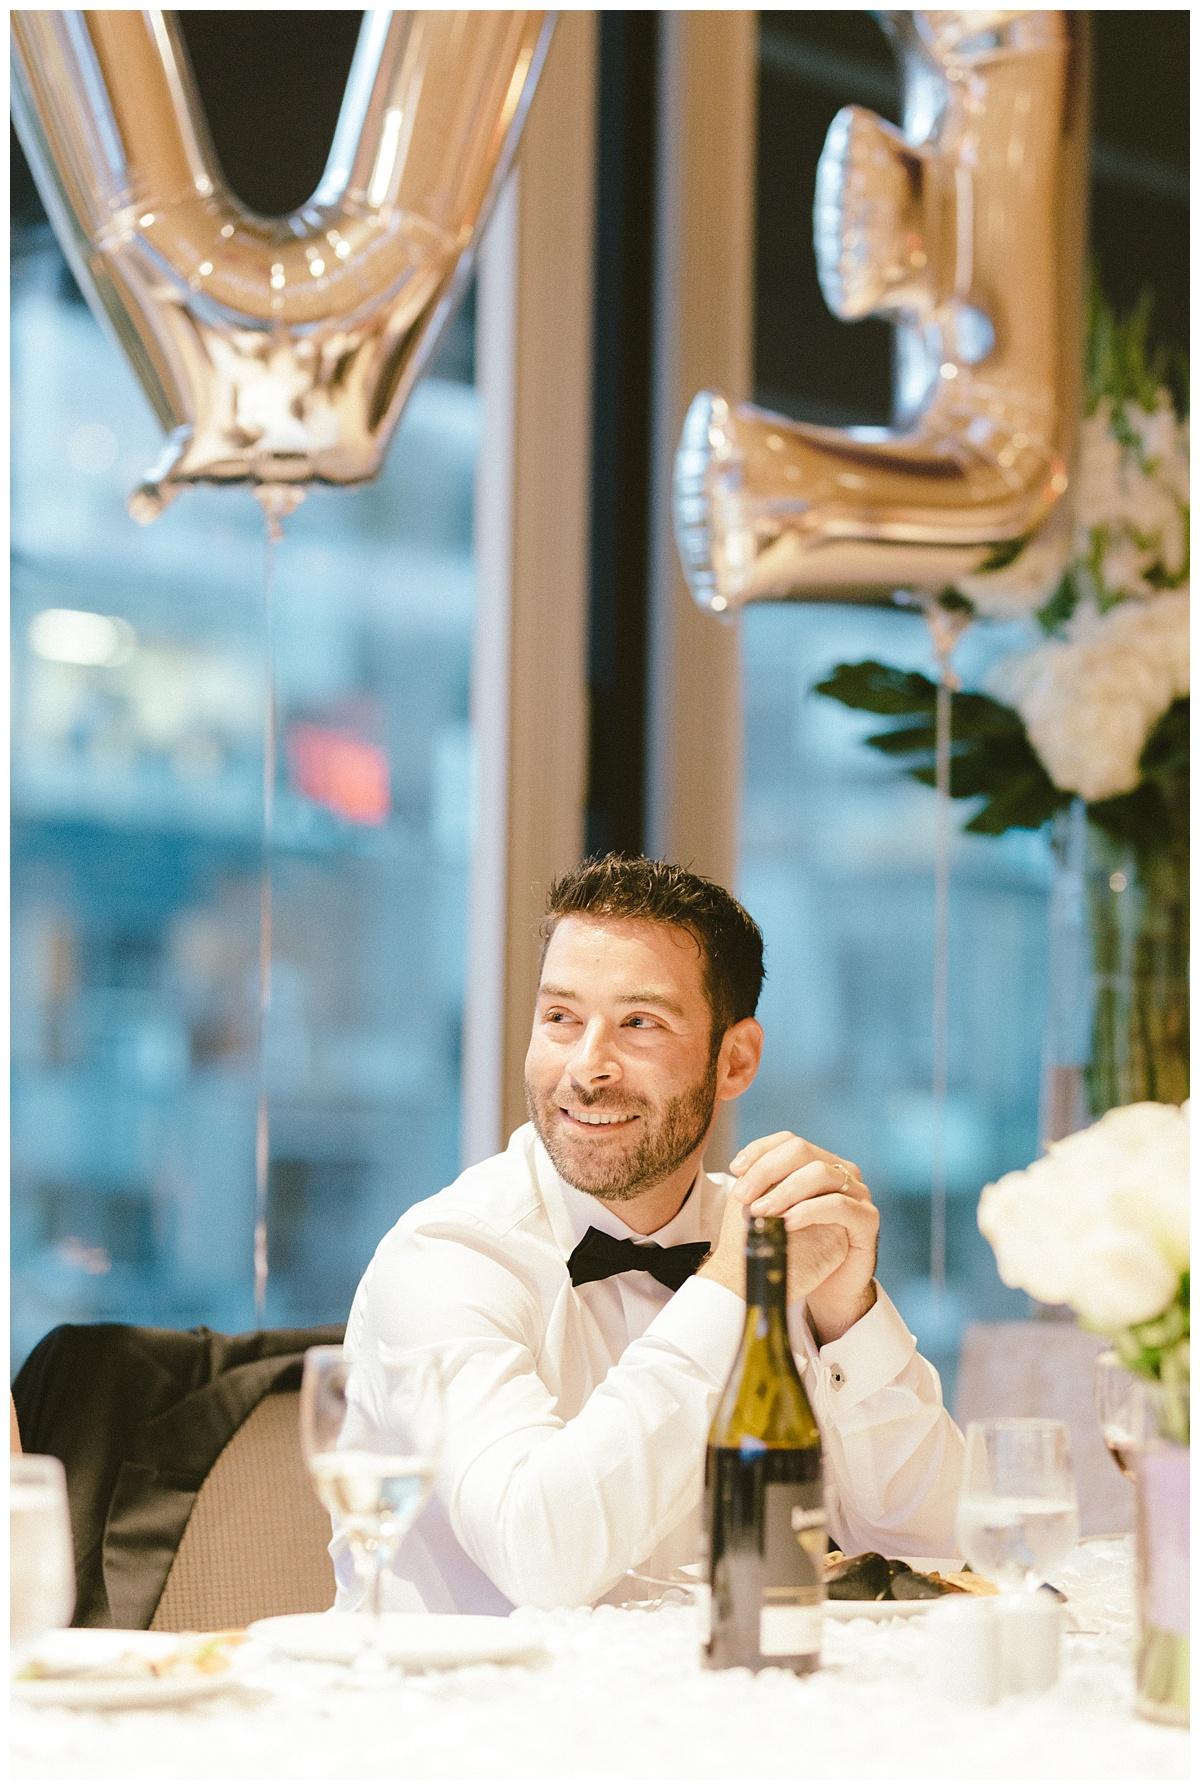 Hong Kong Vancouver Fine Art Wedding Photographer Mattie C. 81.jpg